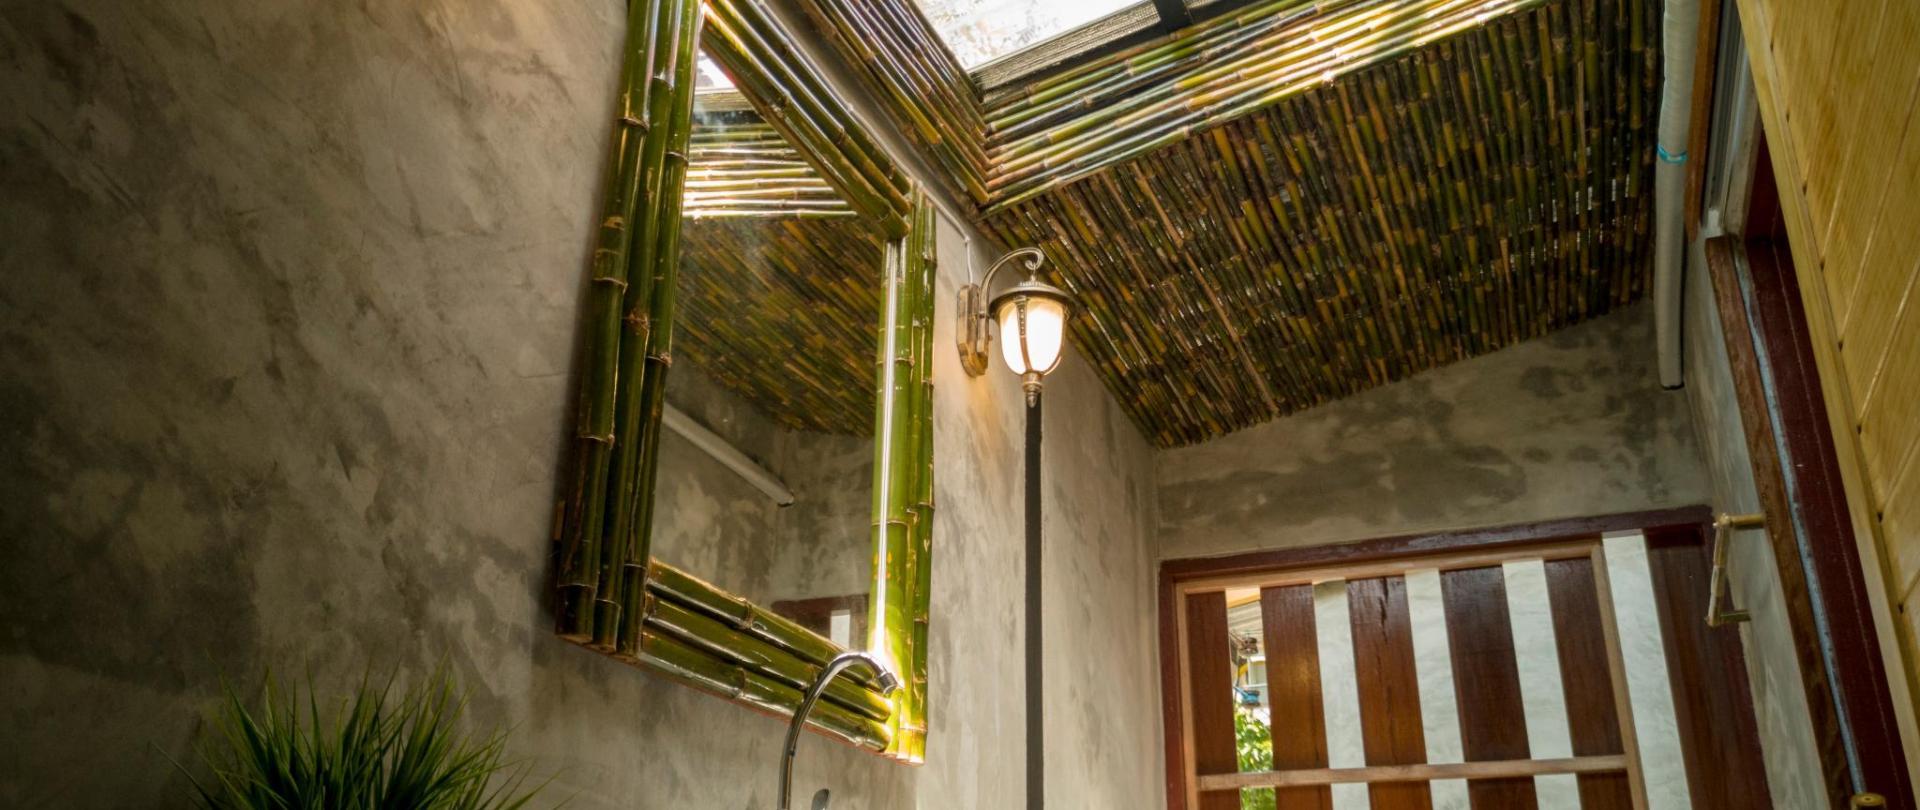 ห้องน้ำ1.jpg